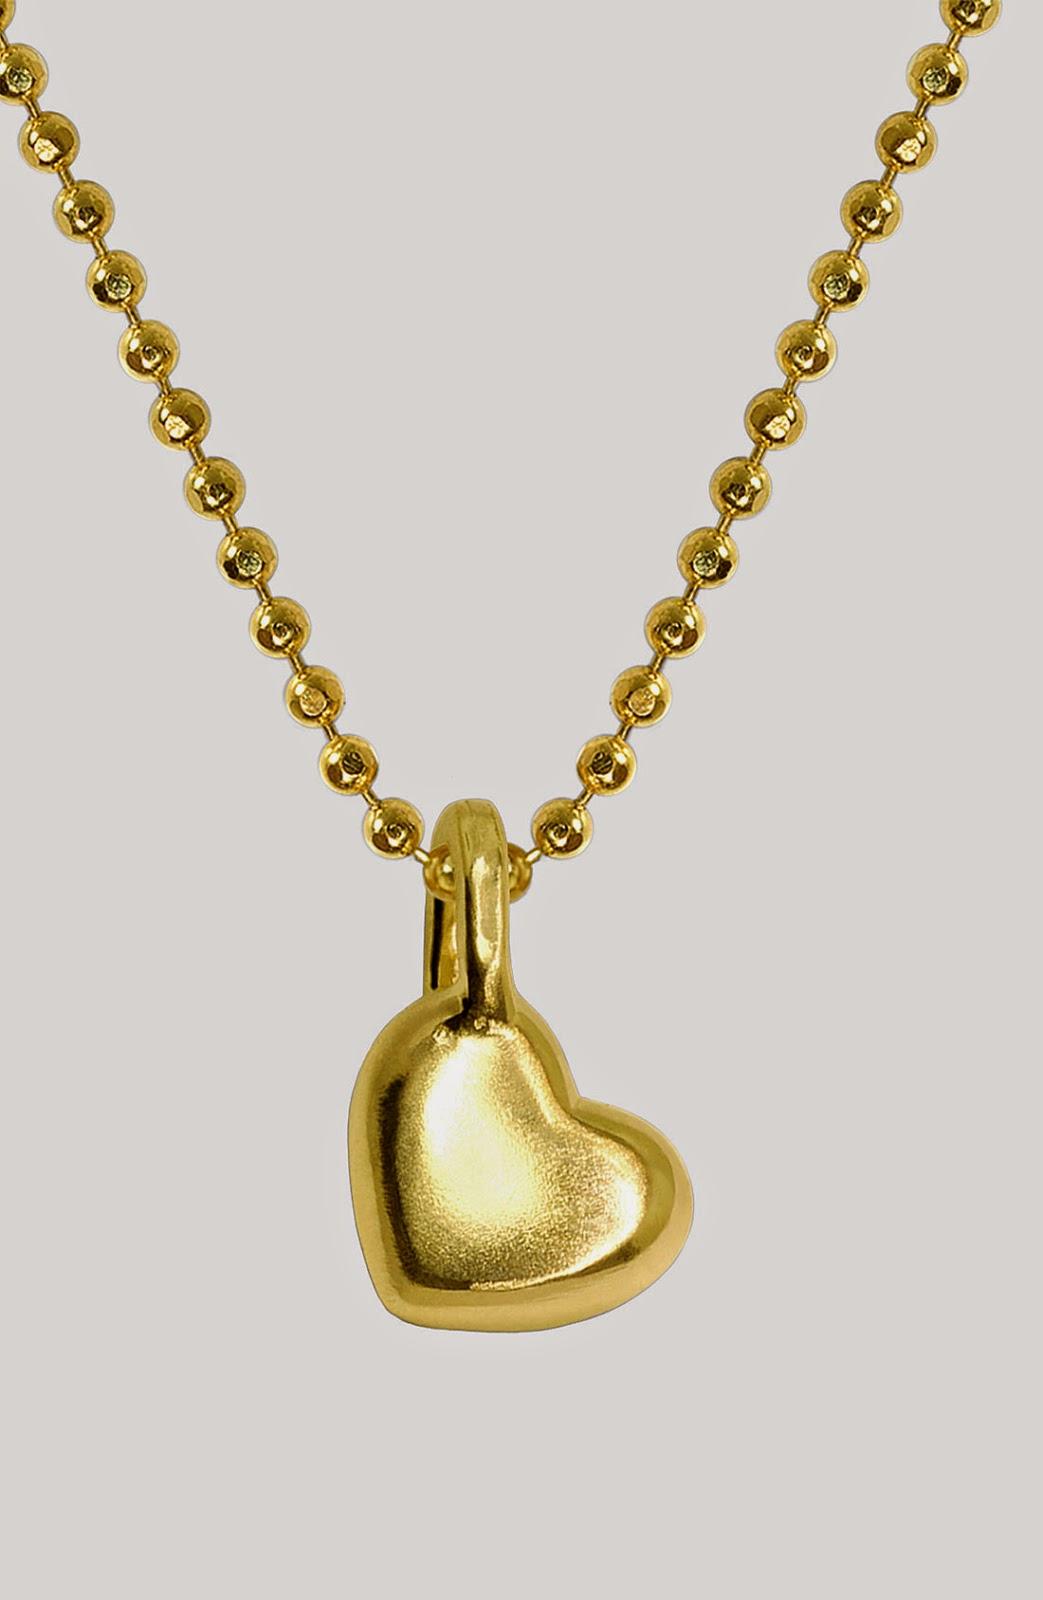 Lovely animal design 24k gold necklace pendant for women men jewelry